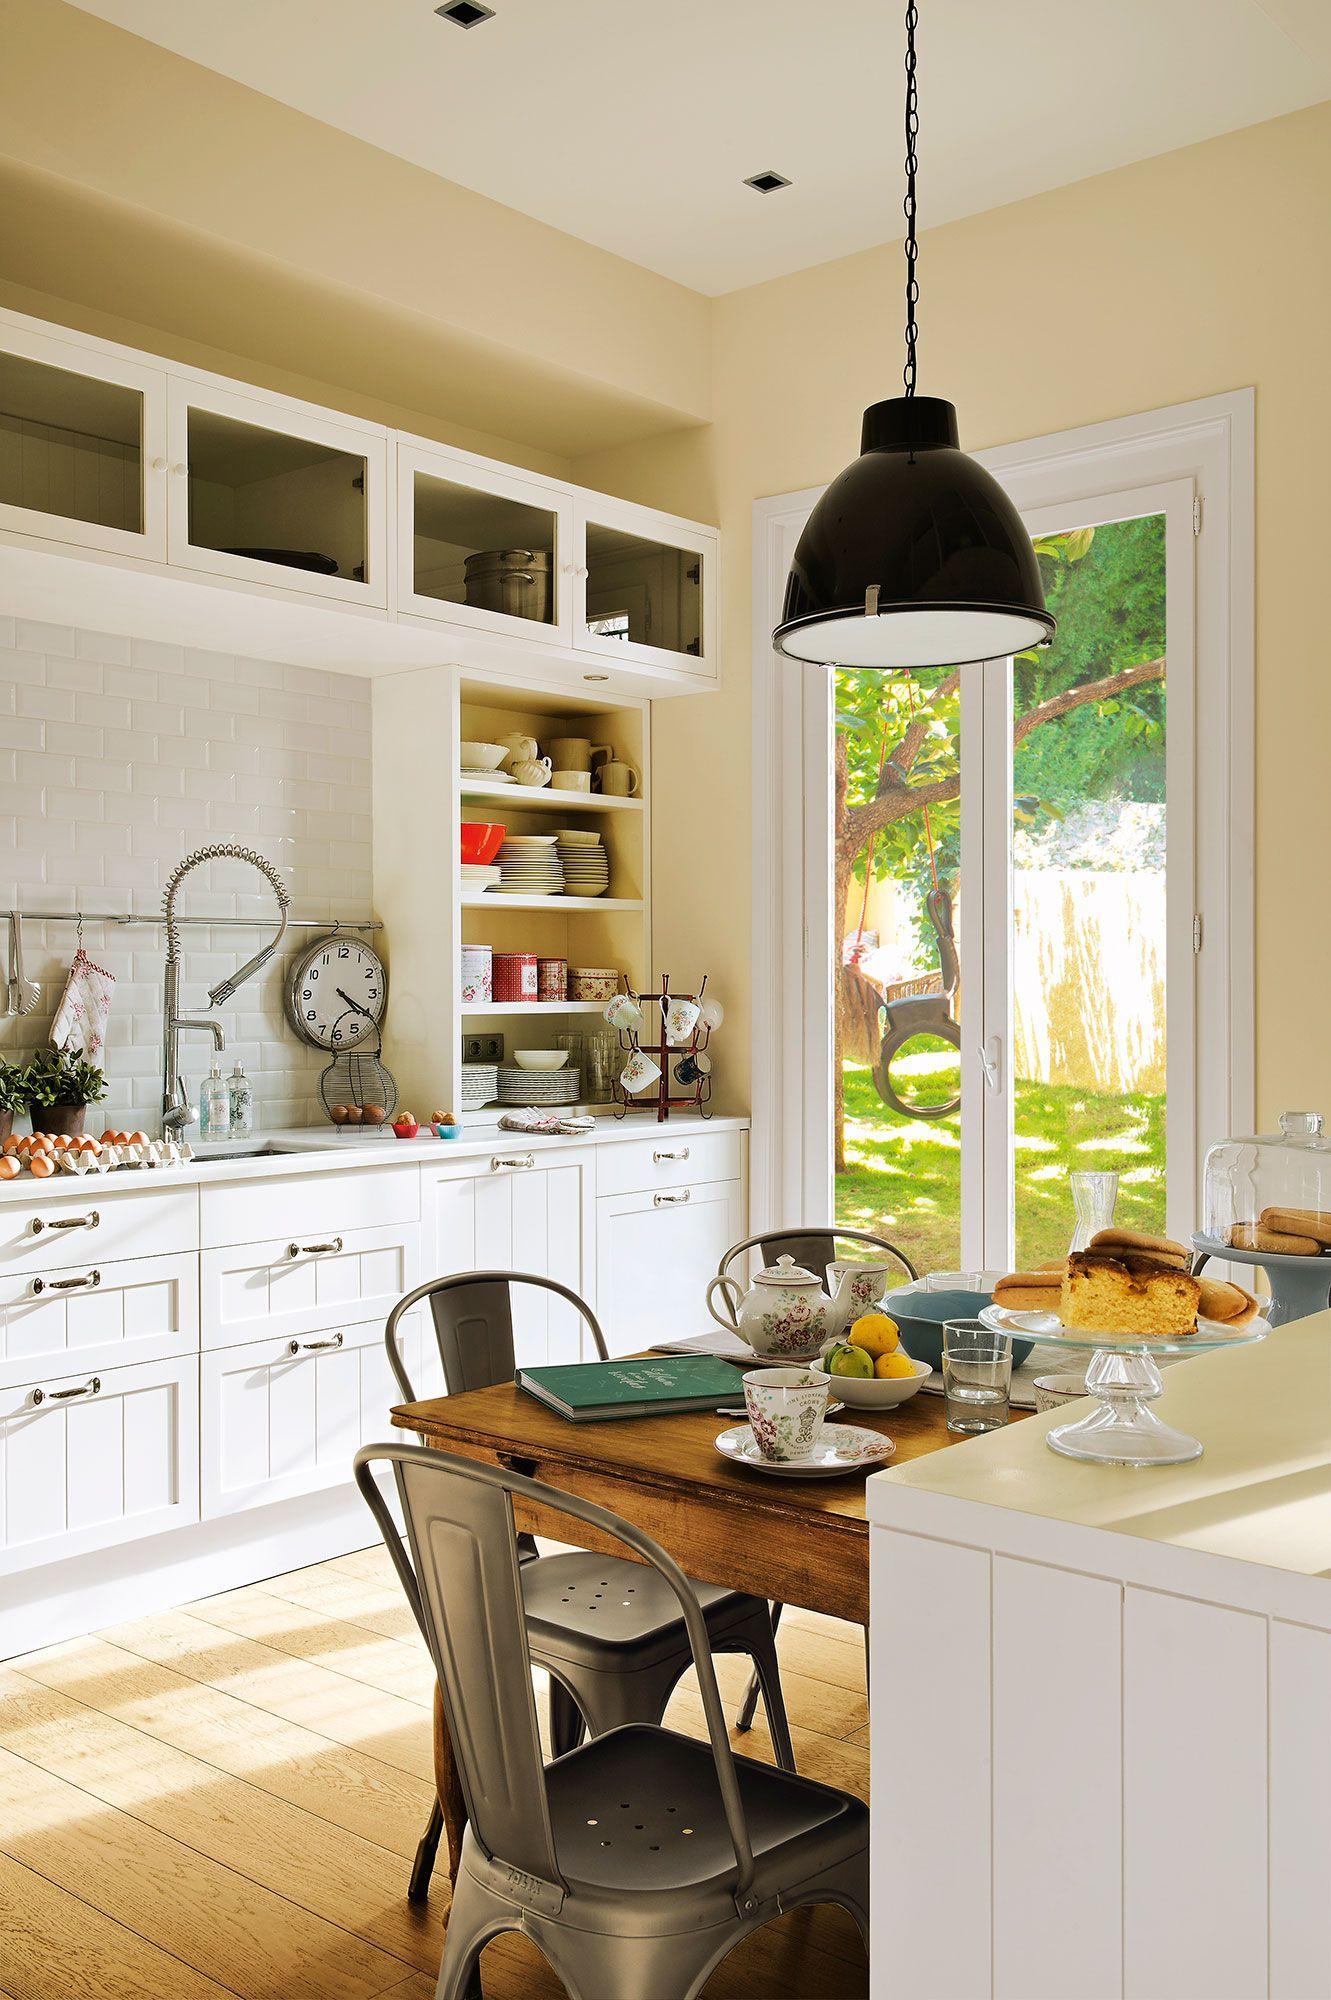 Reformas low cost: 10 ideas para estrenar cocina por muy poco ...